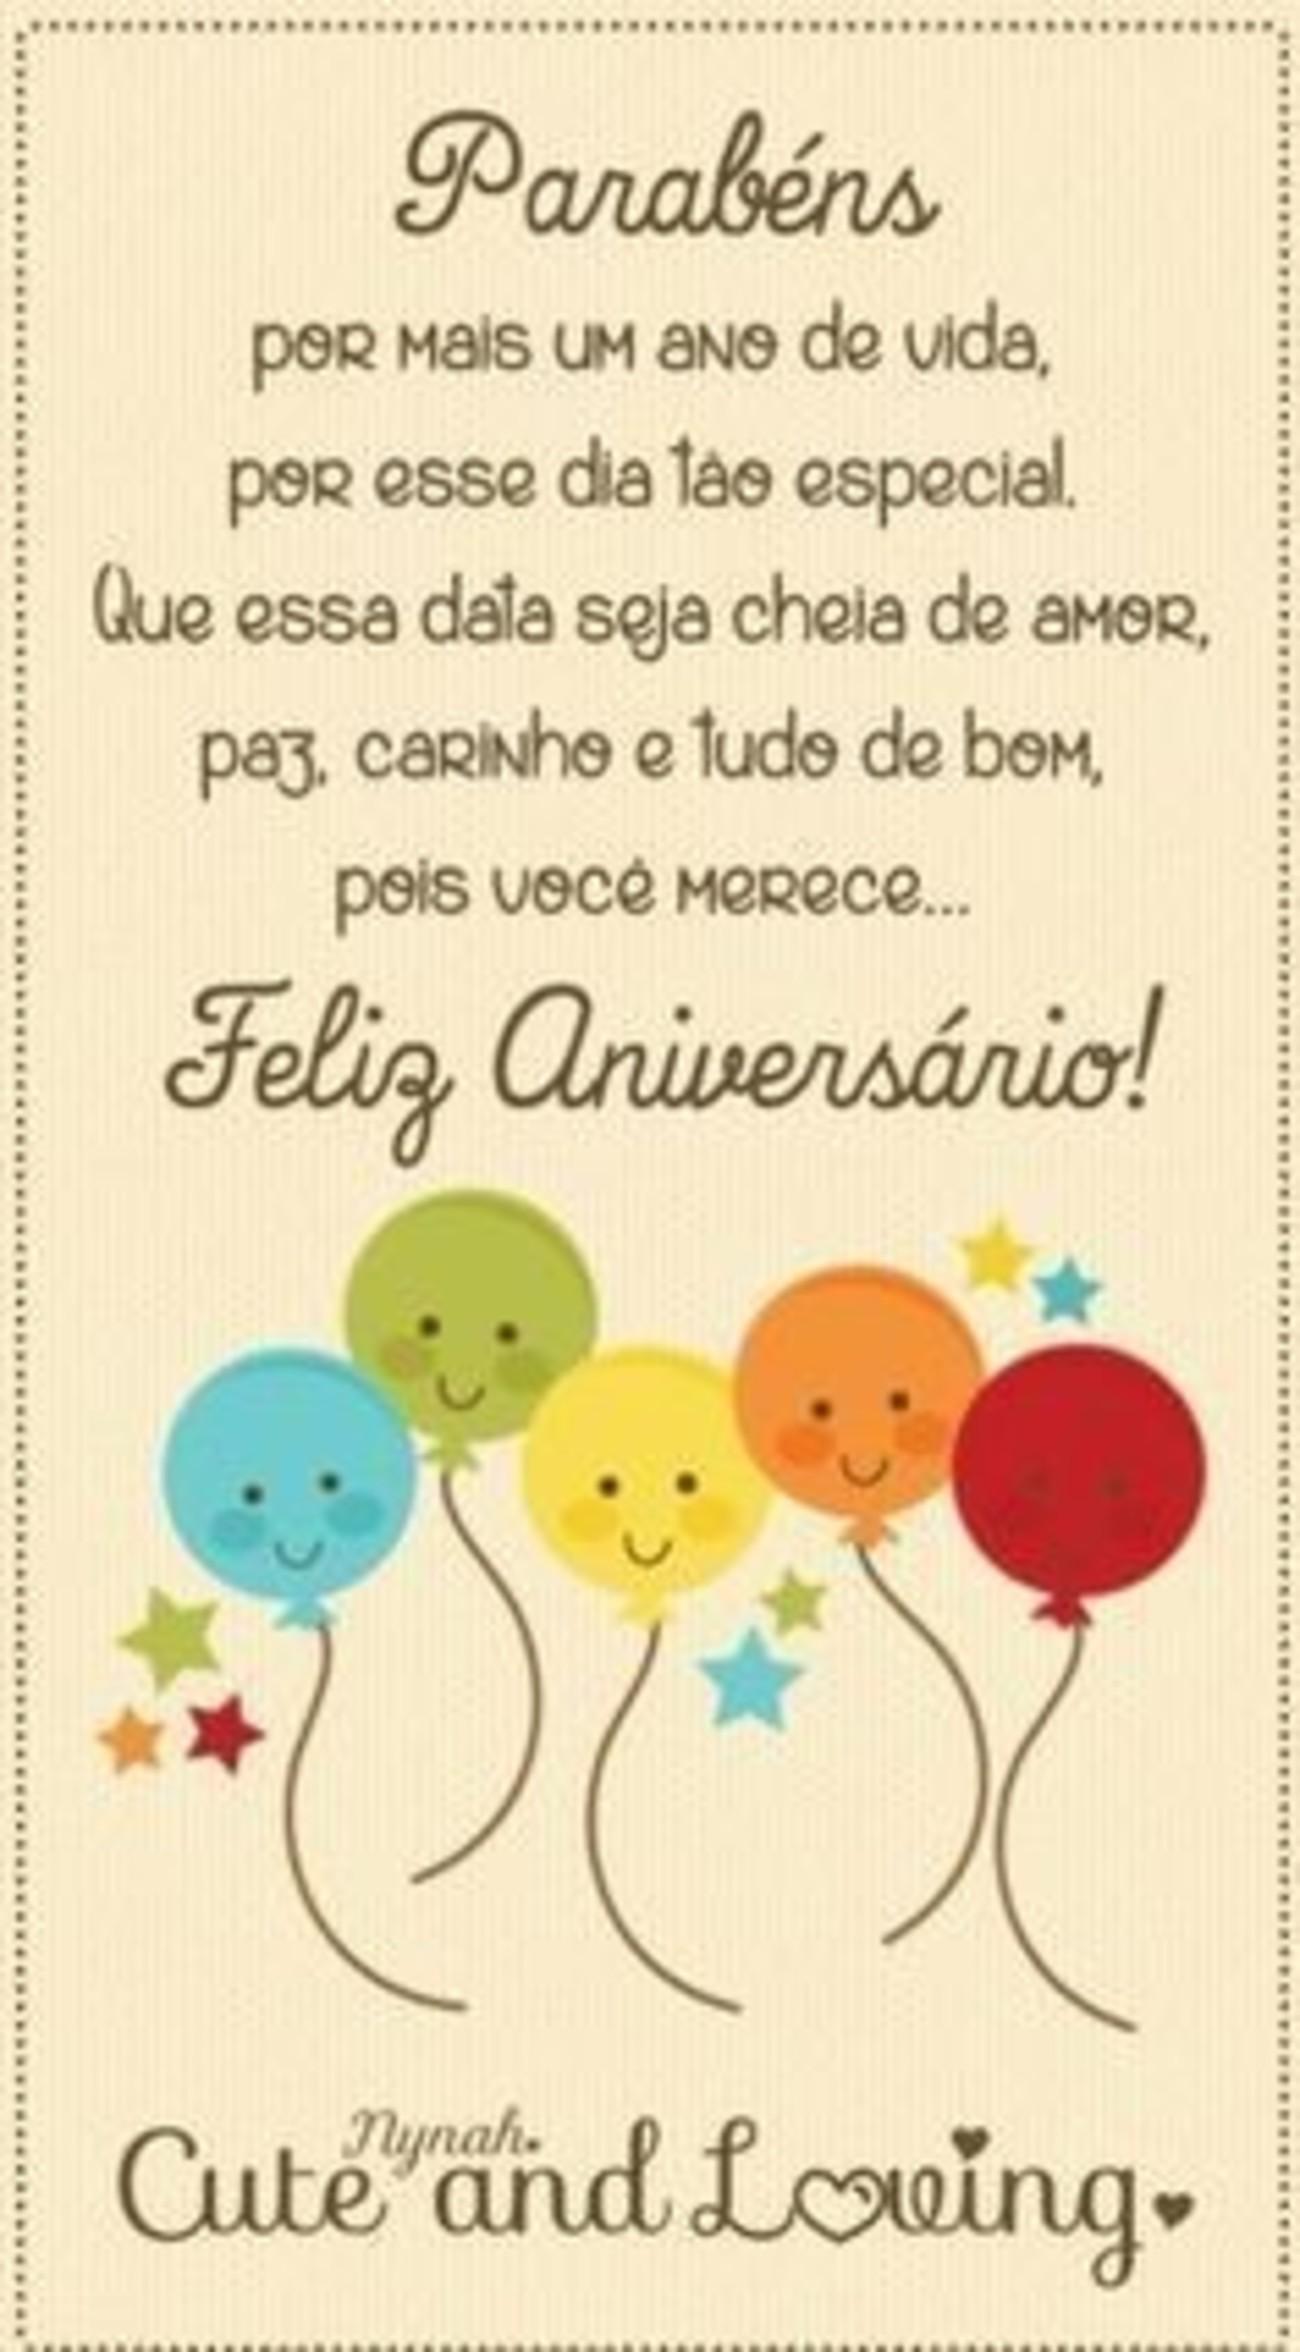 Imagen de Feliz Aniversario para Facebook e Whatsapp Grupo Belas 92